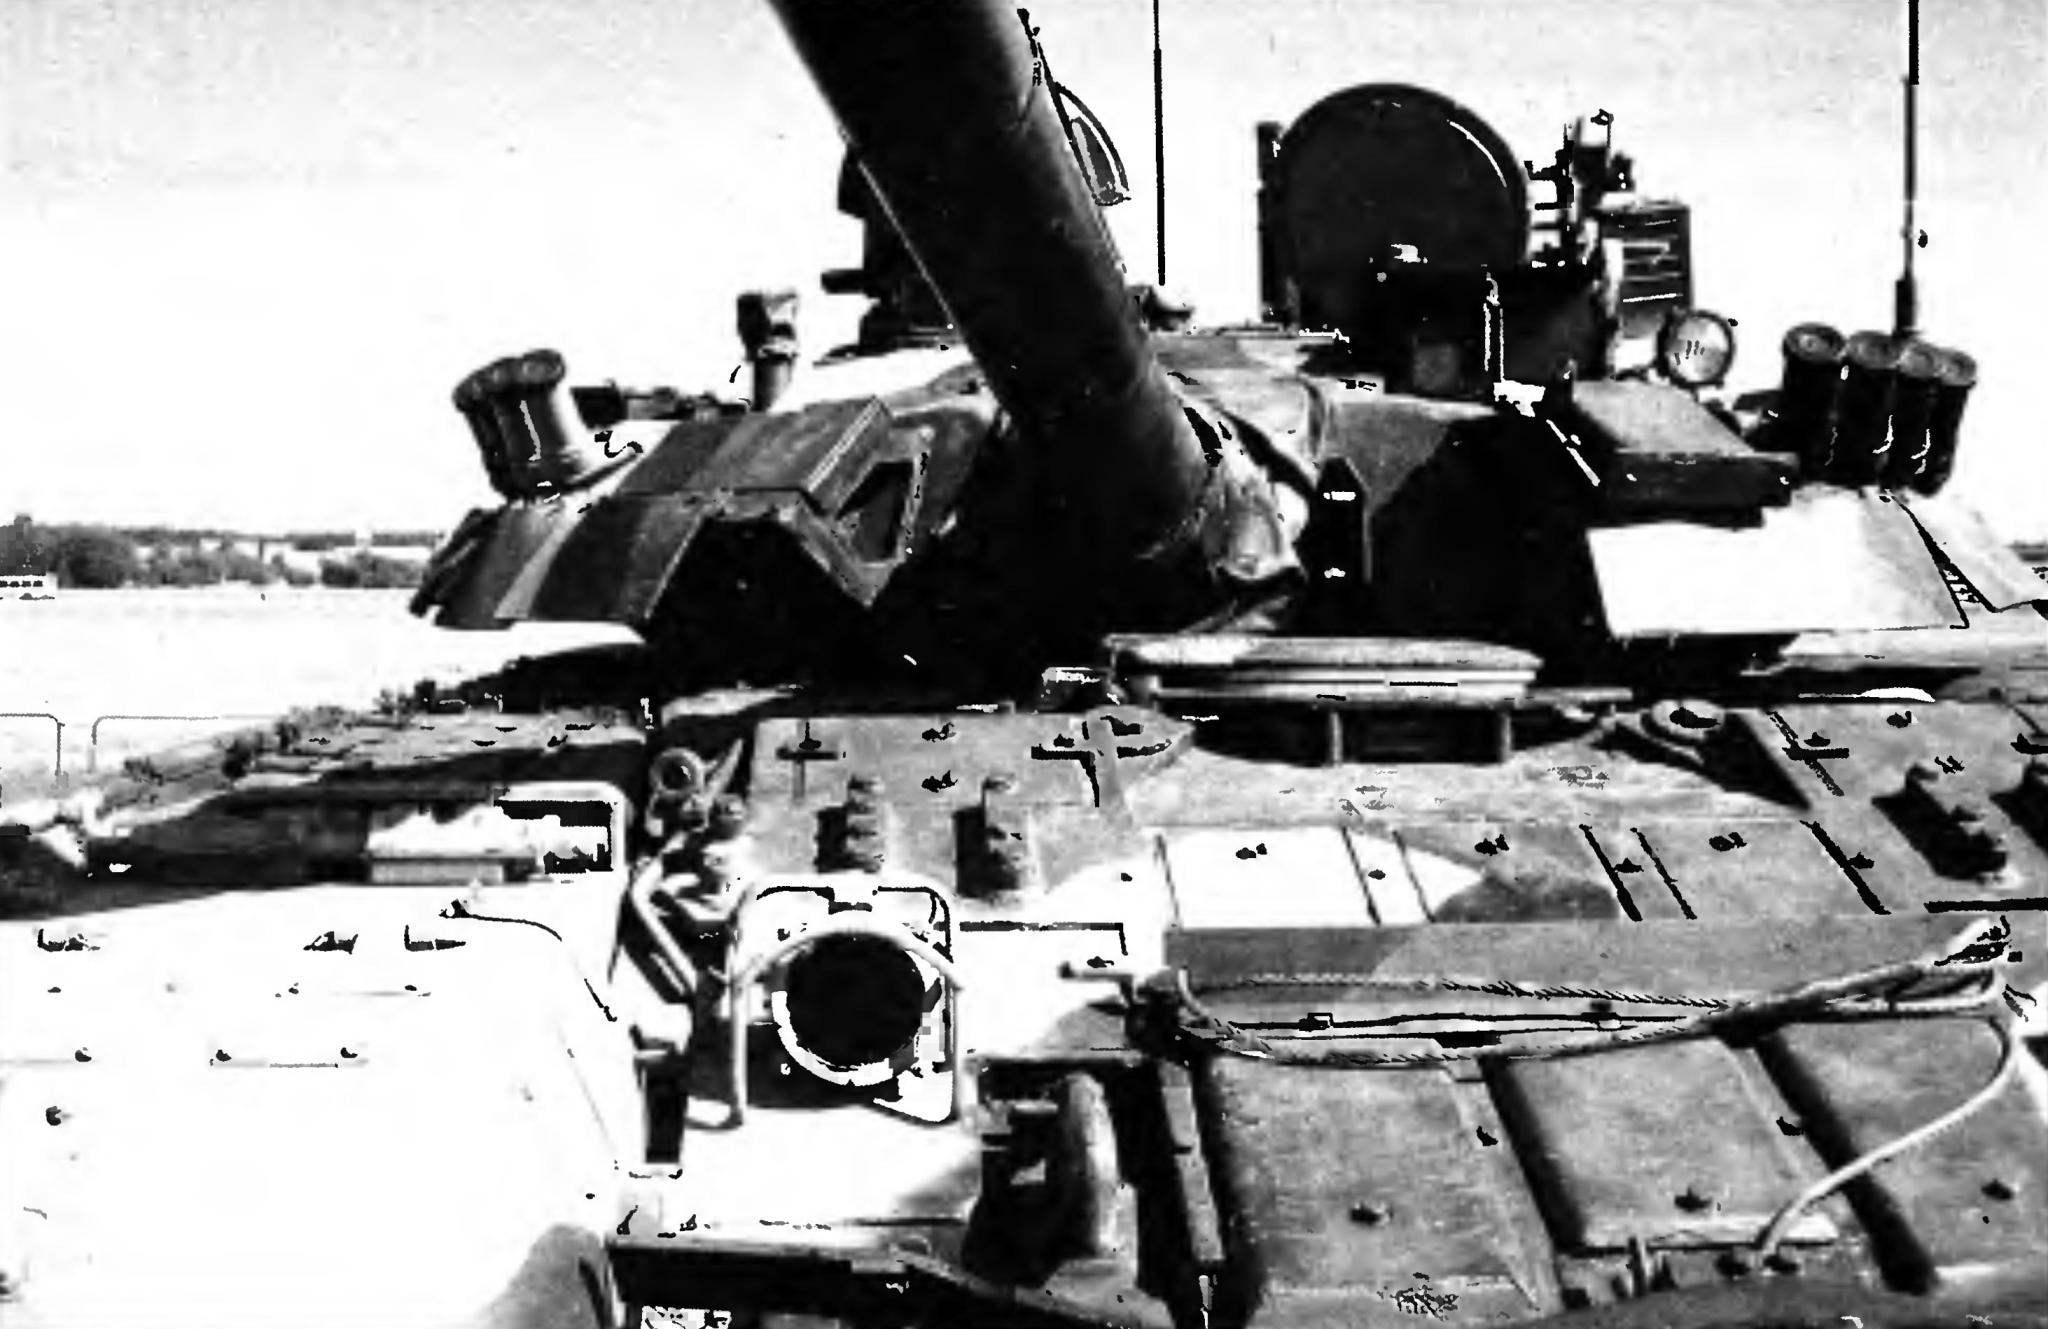 Вид Т-80 спереди. На переднем плане блоки динамической защиты, в подбашенном листе — люк механика-водителя с приборами наблюдателя. Люки командира и наводчика открыты